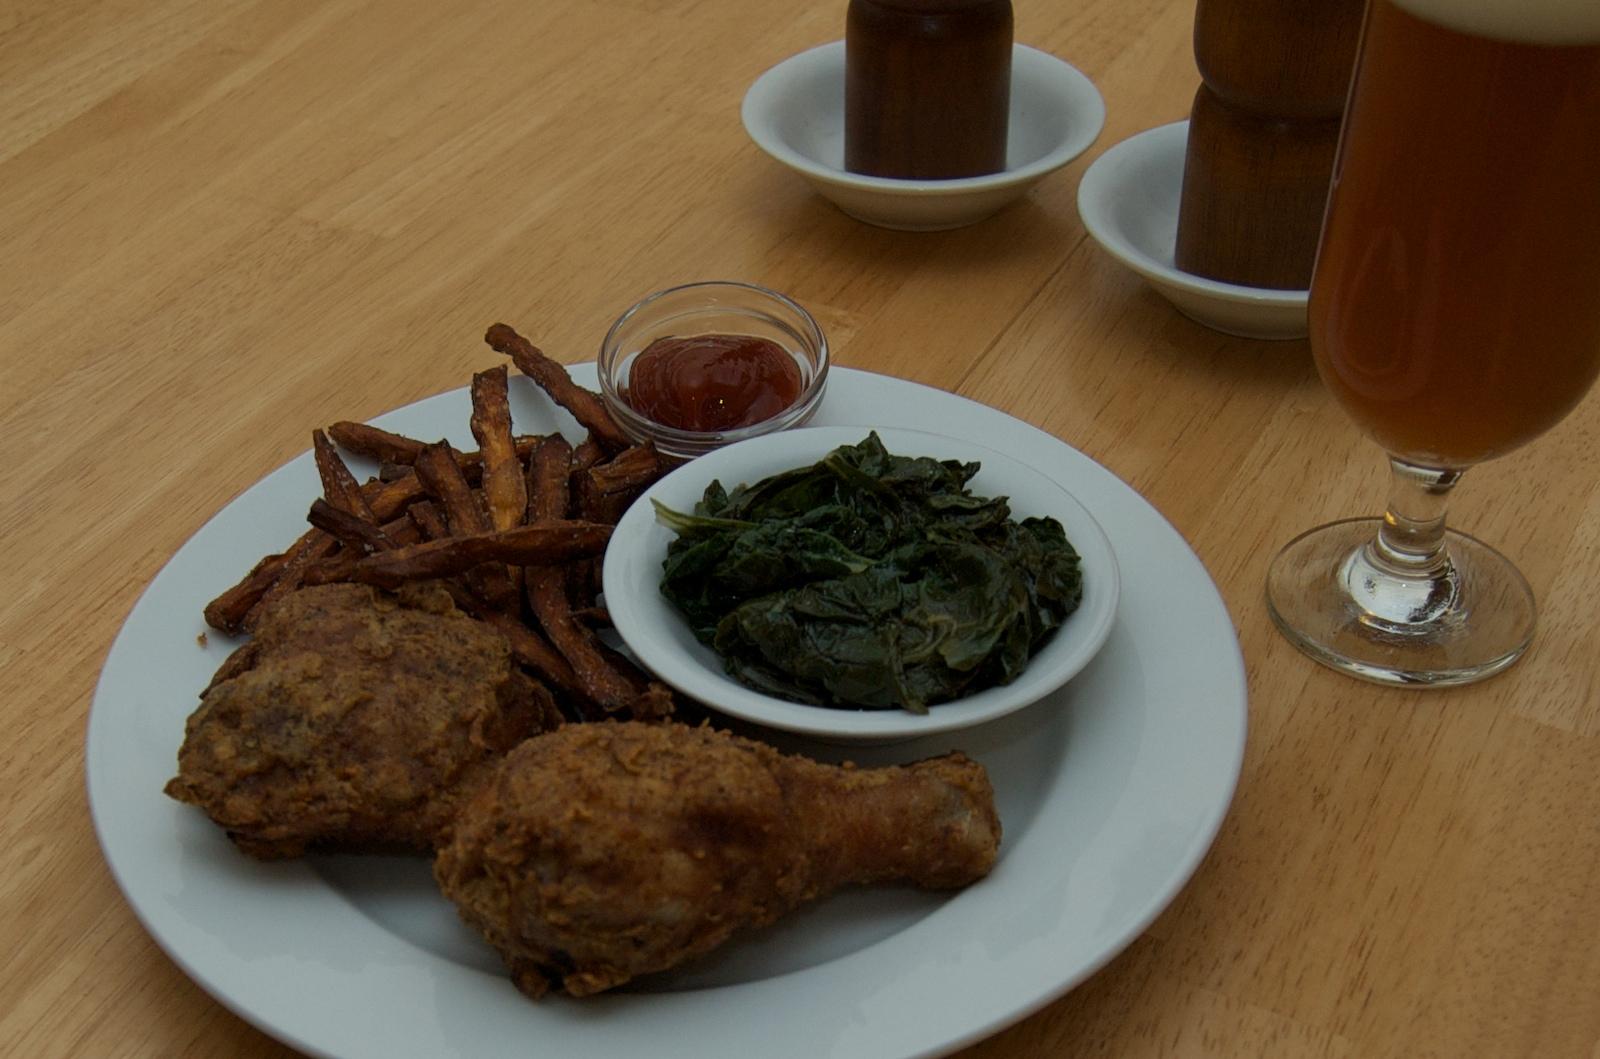 http://blog.rickk.com/food/2010/01/01/DSC_0026.jpg